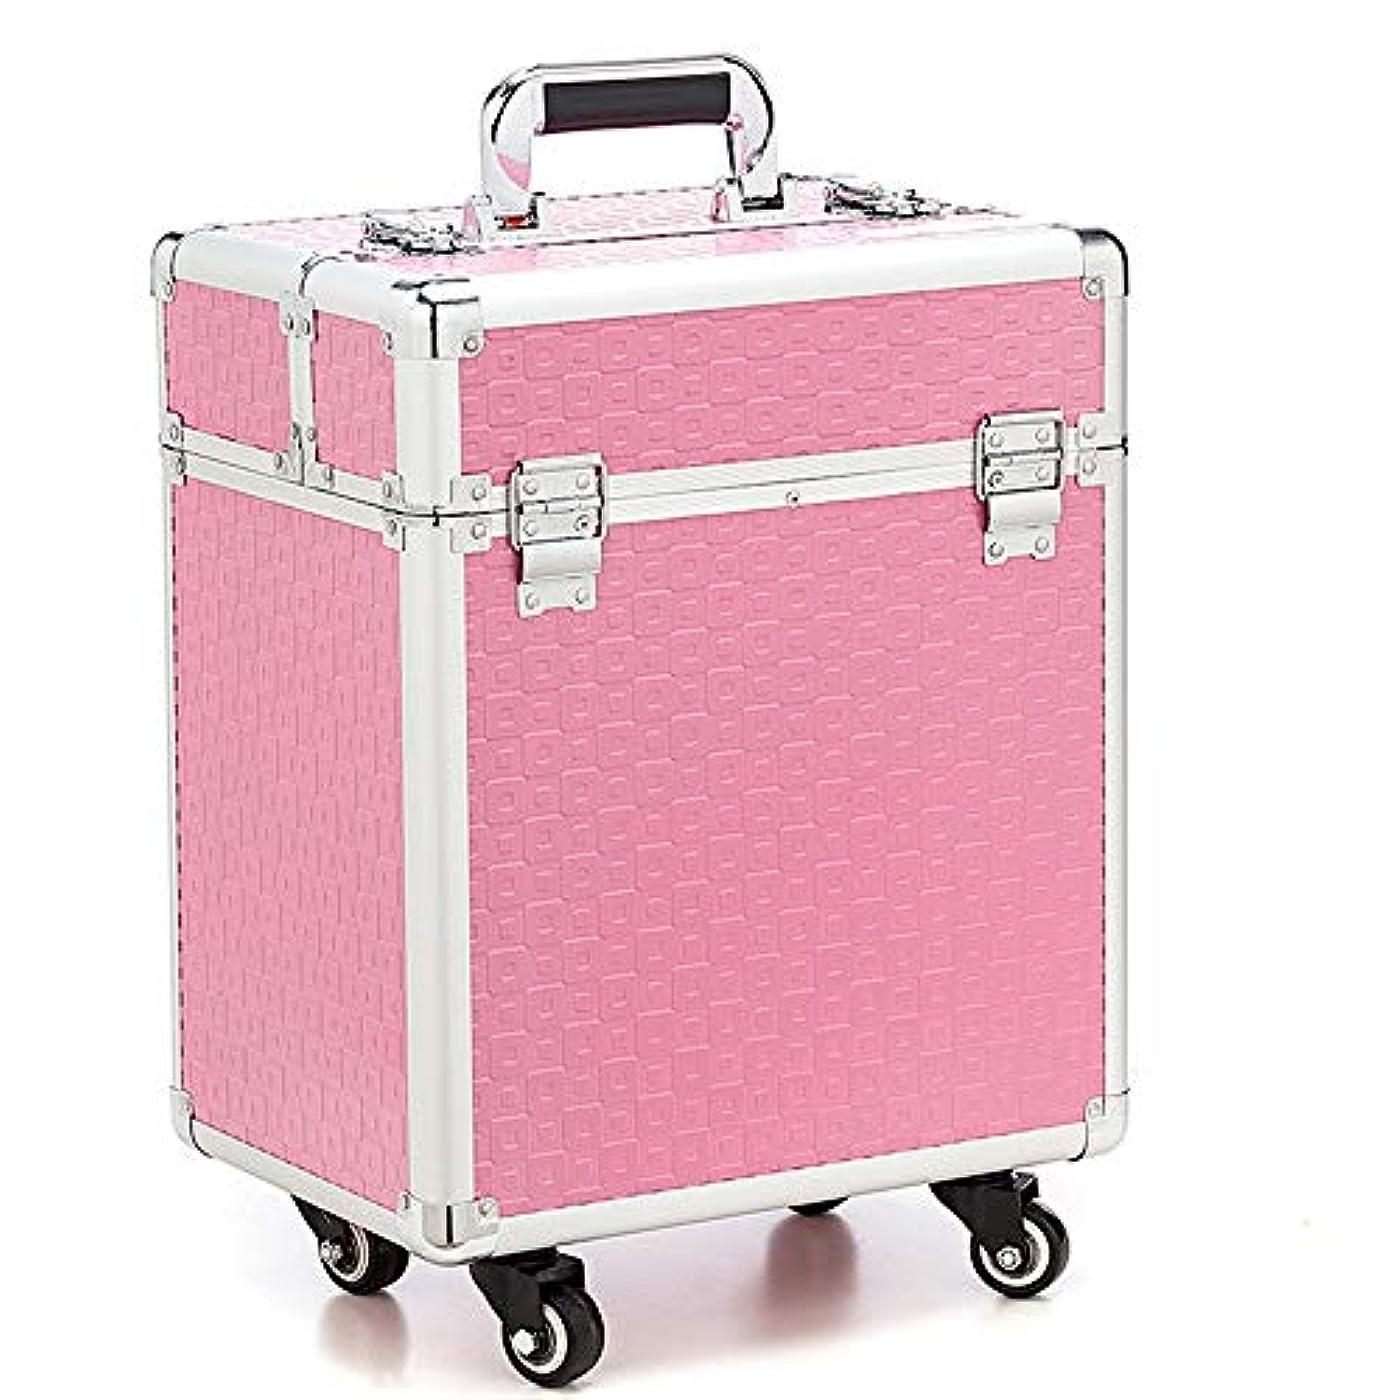 処方するとティームハリケーン化粧オーガナイザーバッグ 360度ホイール3イン1プロフェッショナルアルミアーティストローリングトロリーメイクトレインケース化粧品オーガナイザー収納ボックス用ティーンガールズ女性アーティスト 化粧品ケース (色 : ピンク)